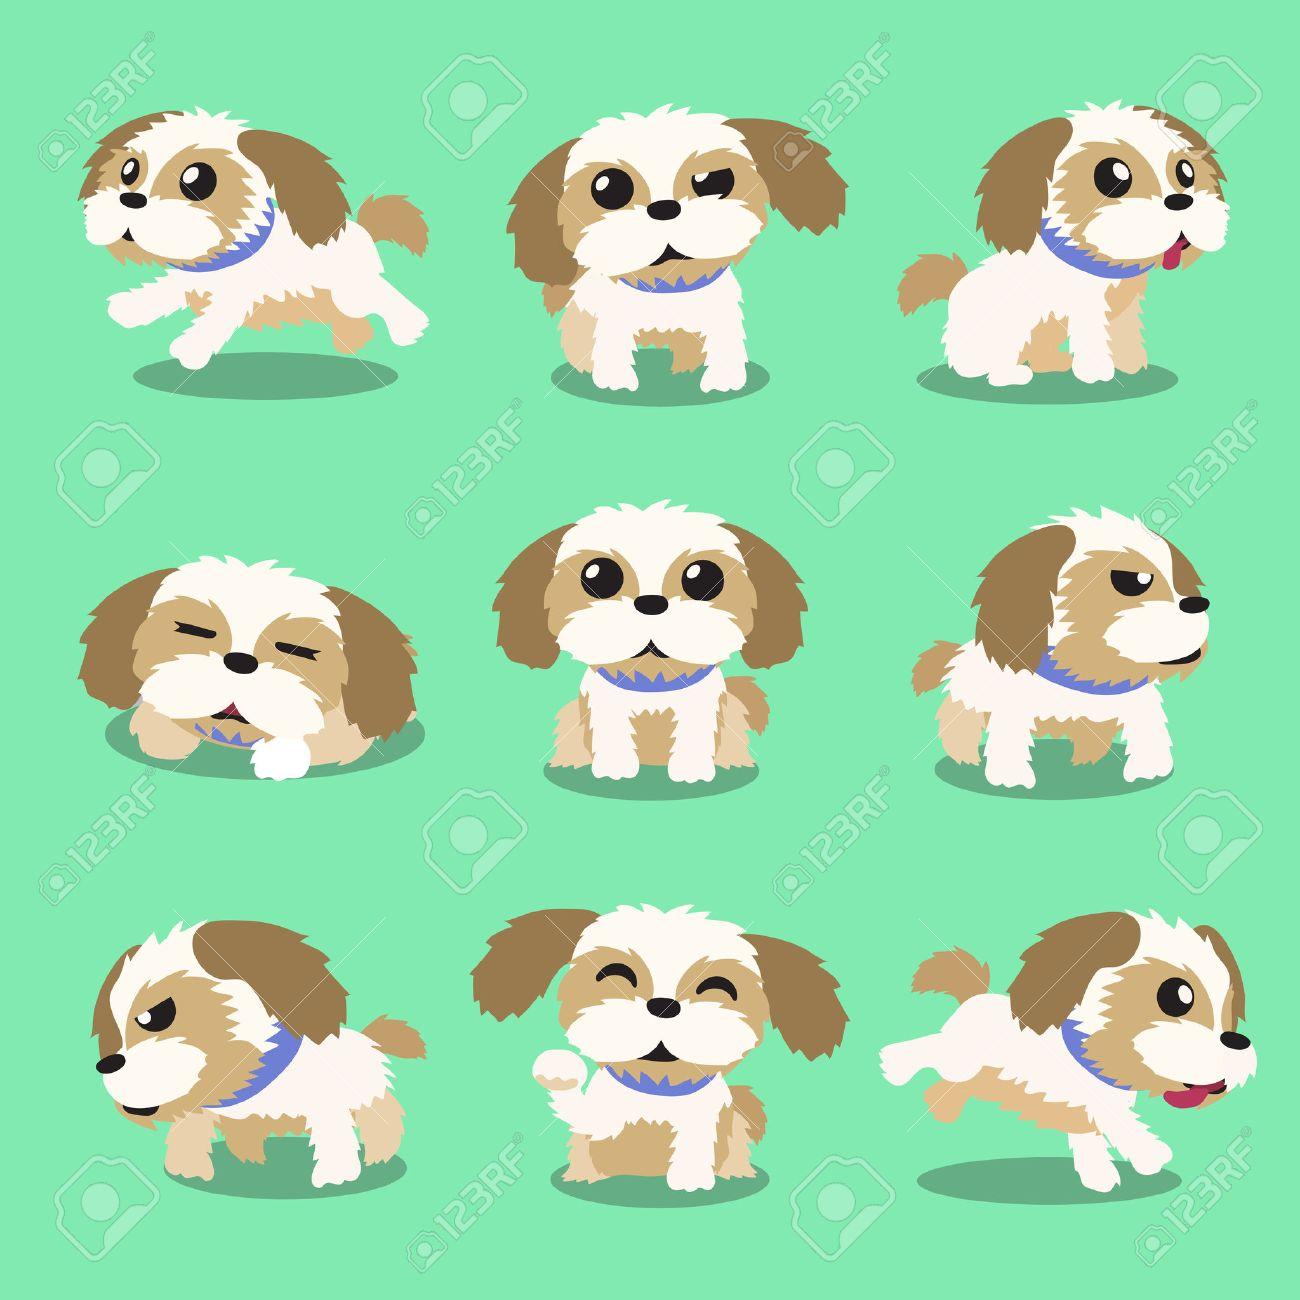 Cartoon Character Shih Tzu Dog Poses Royalty Free Cliparts Vectors